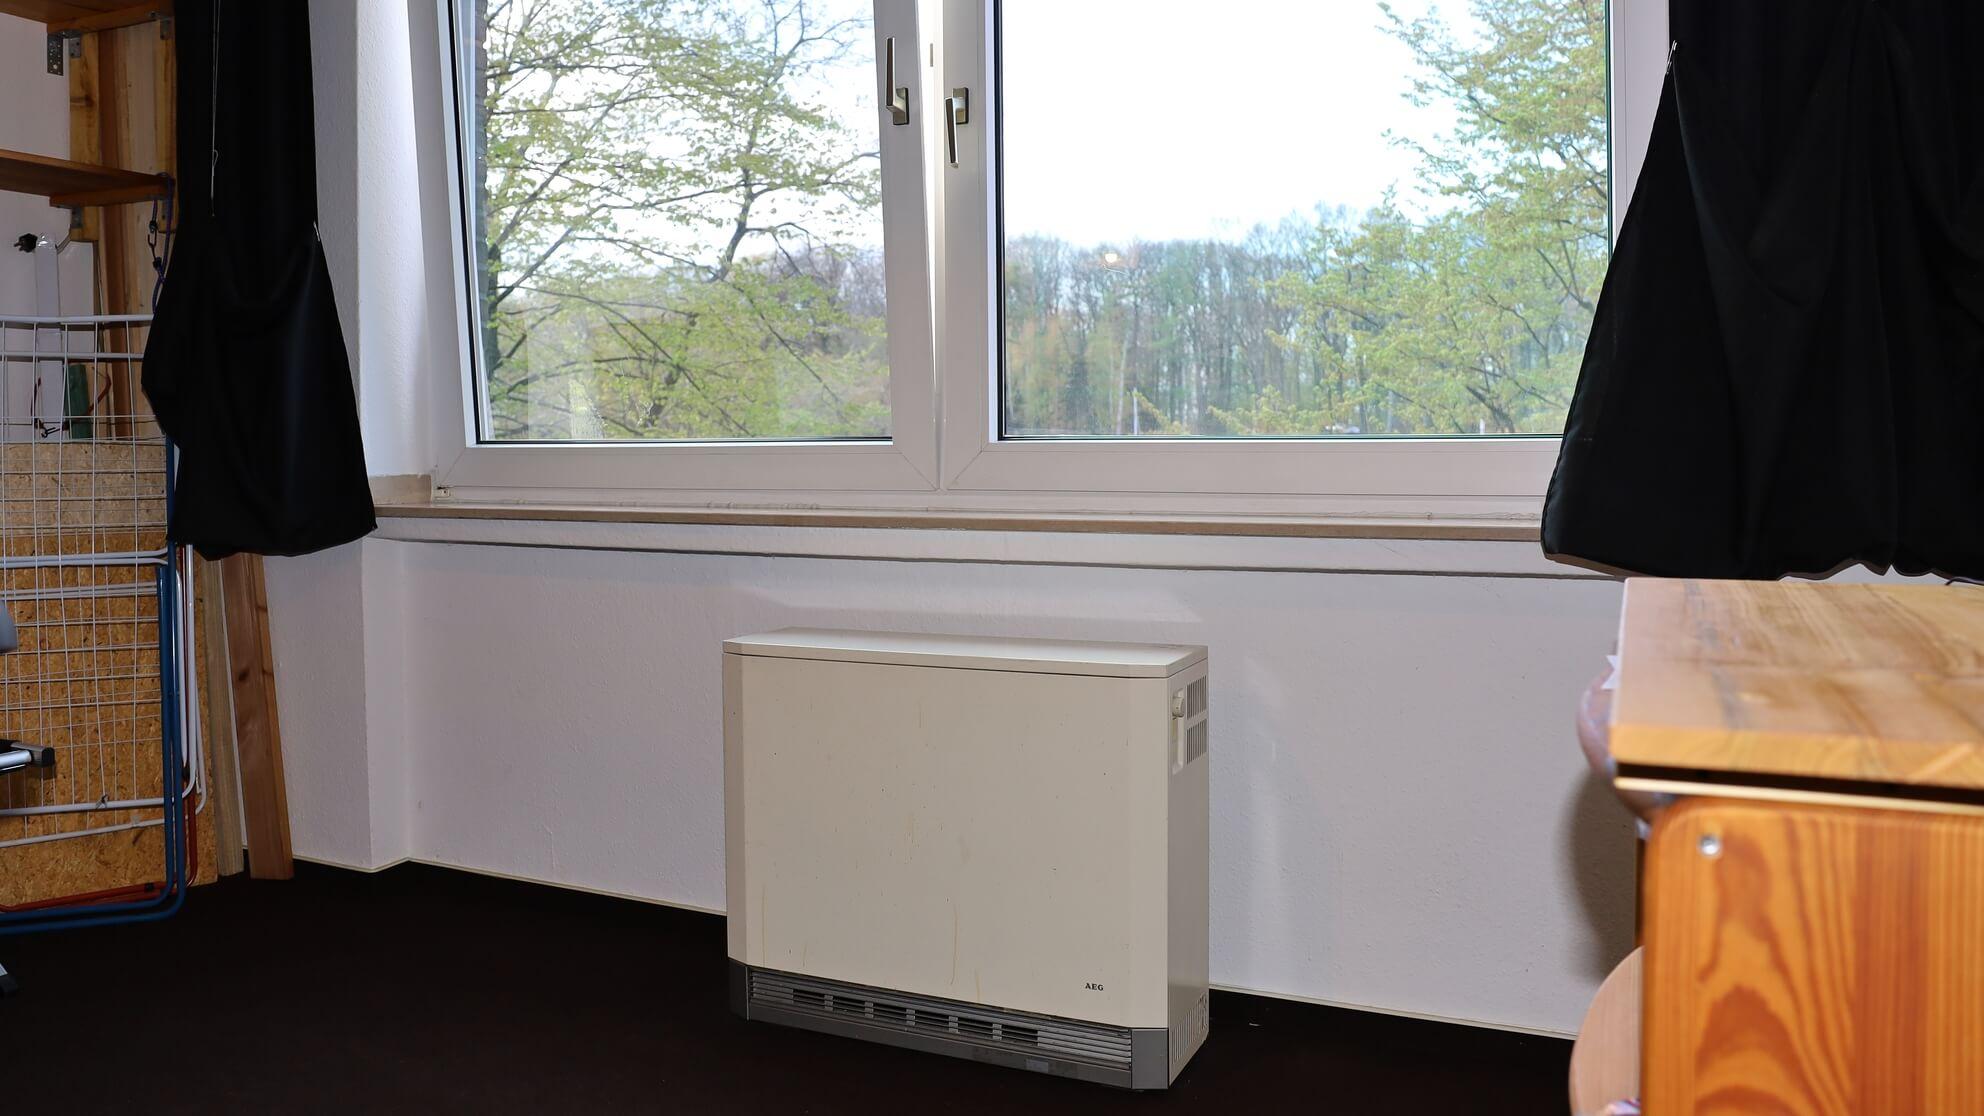 Wer wie hier bei offenem Fenster heizt, steigert seinen Energieverbrauch